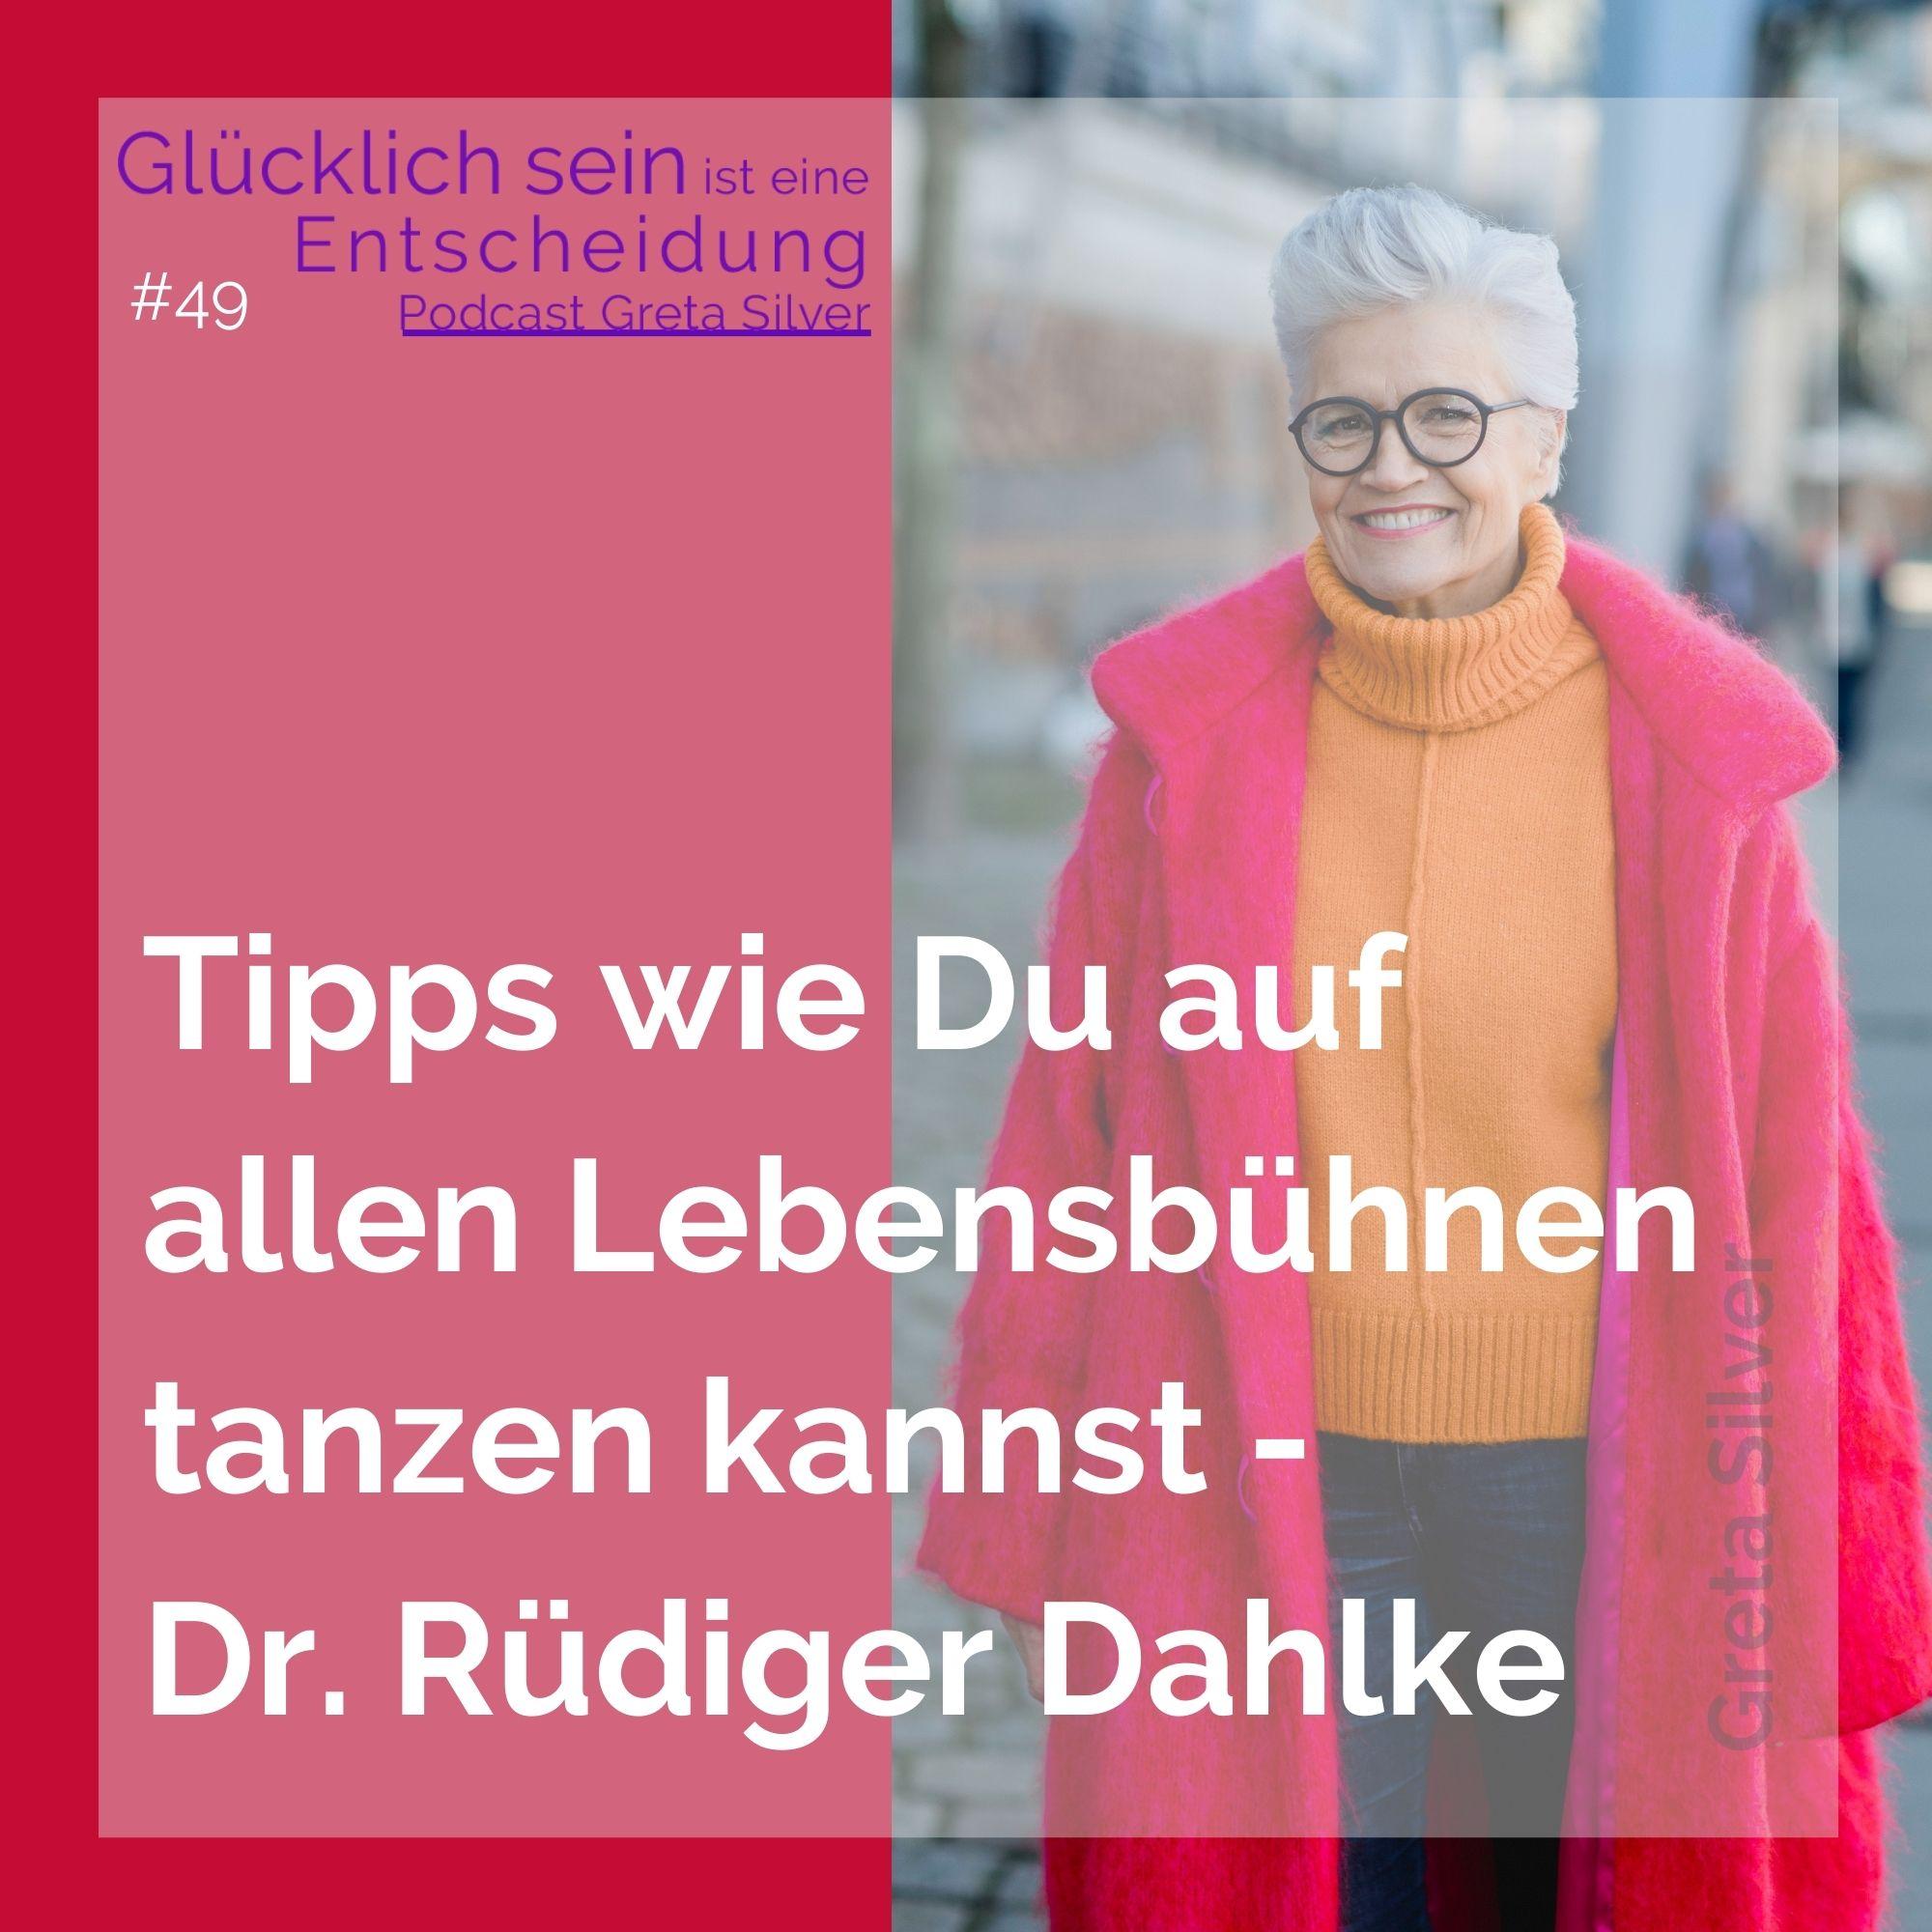 #49 Tipps wie Du auf allen Lebensbühnen tanzen kannst – mit Dr. Rüdiger Dahlke